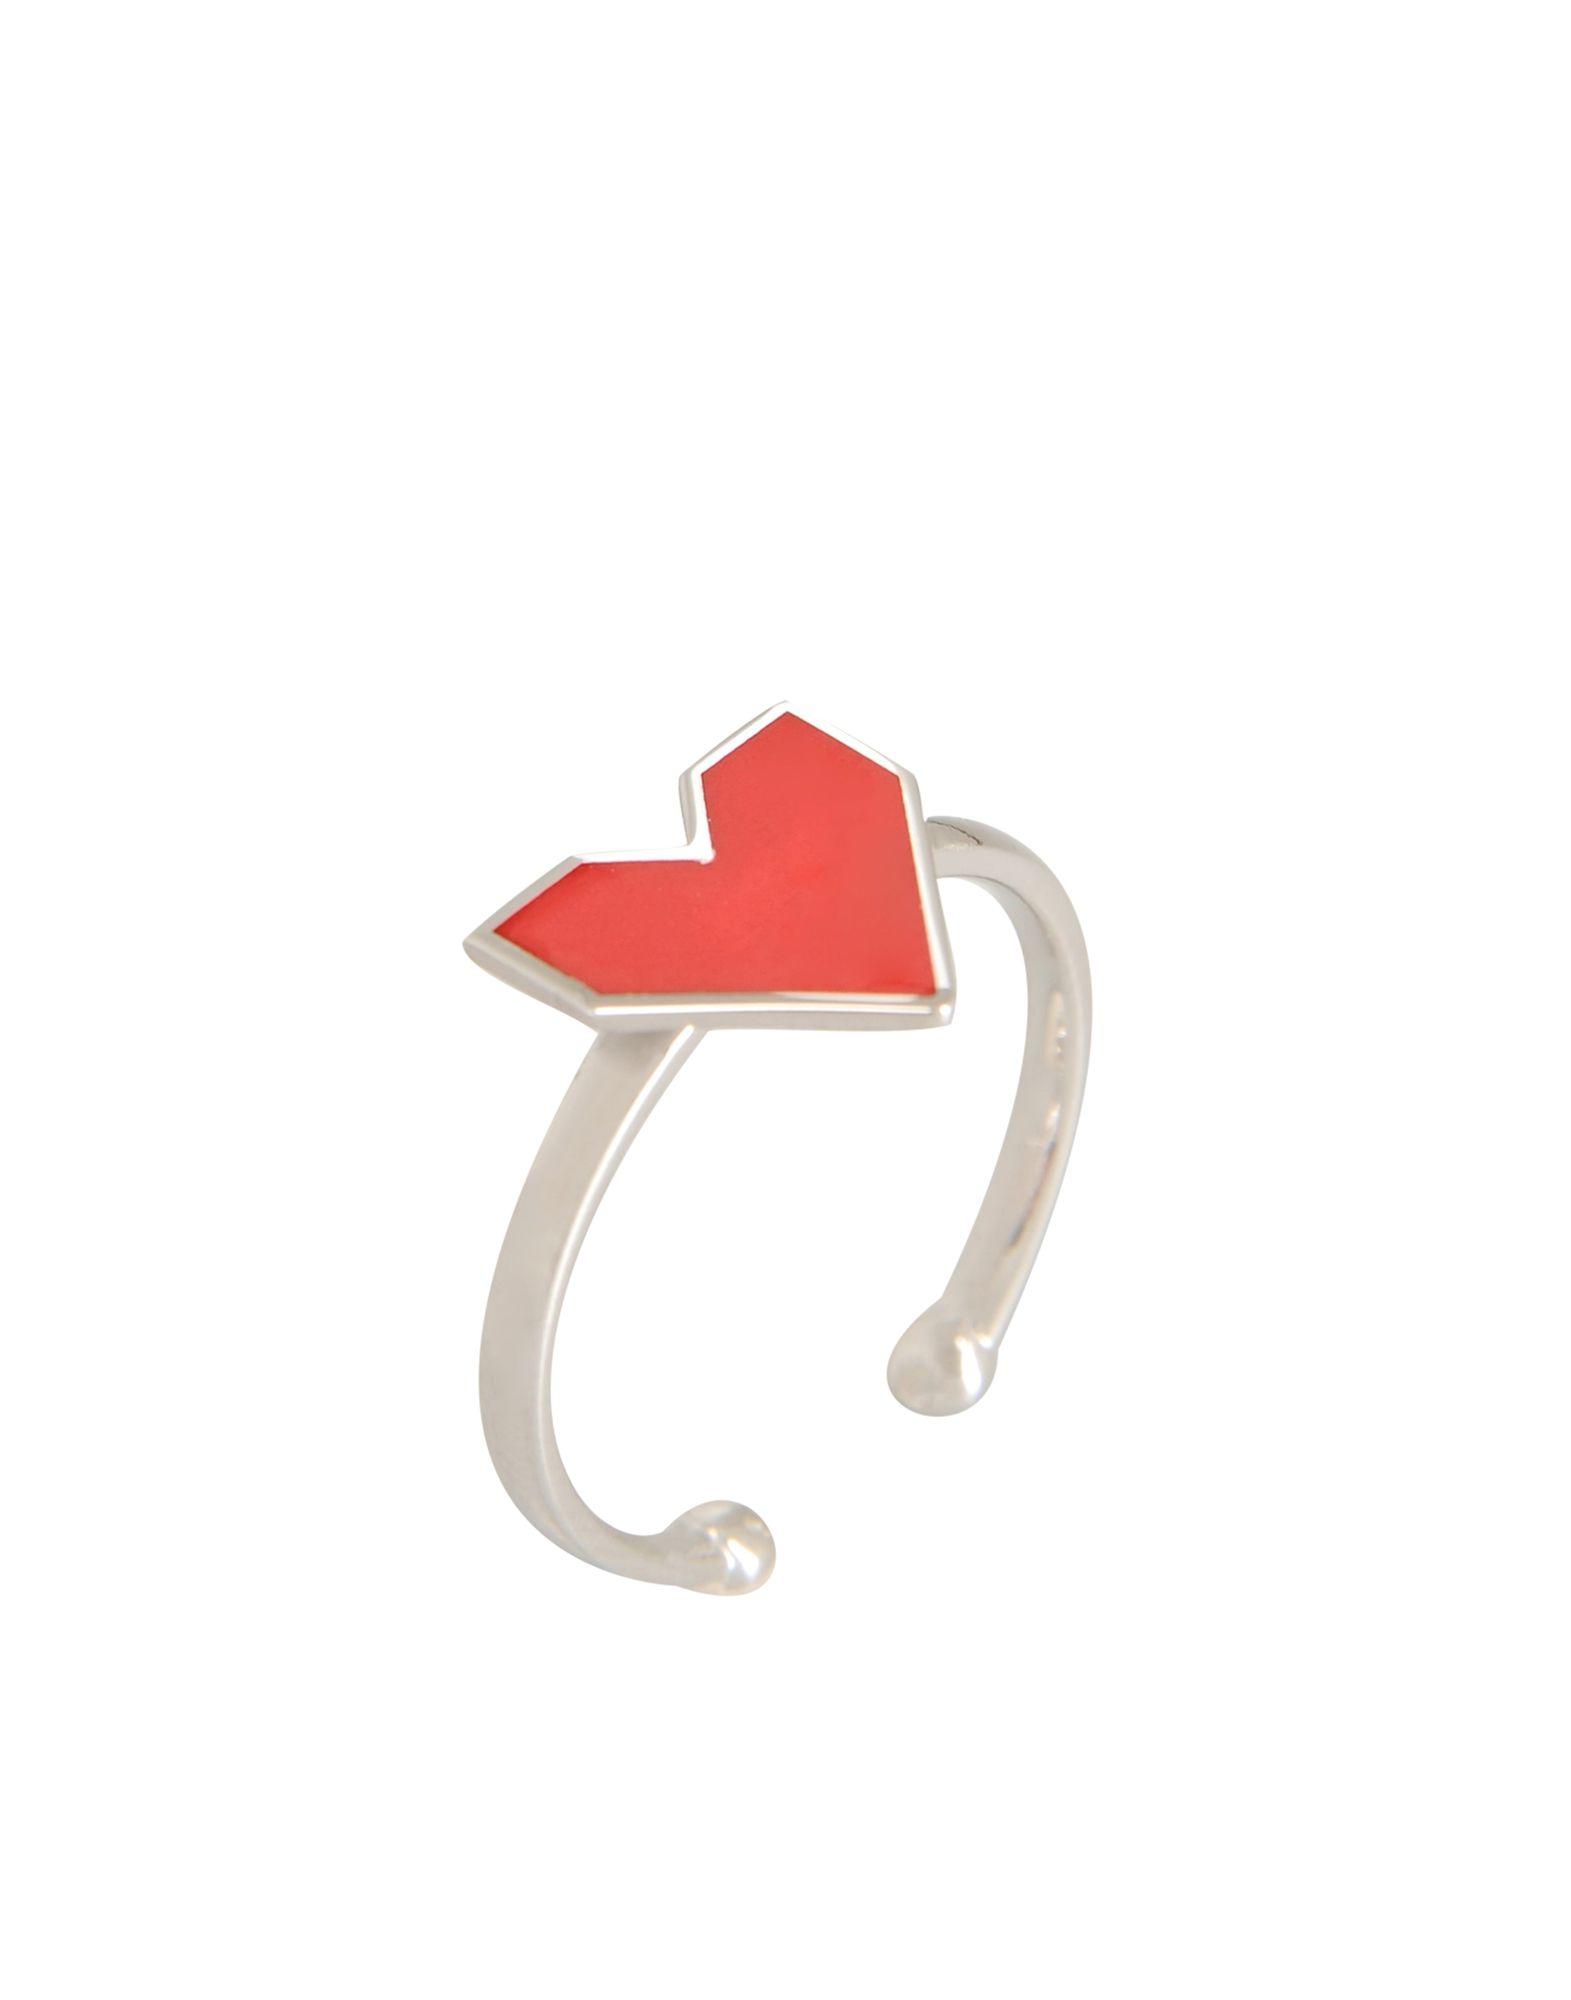 《期間限定セール開催中!》FIRST PEOPLE FIRST レディース 指輪 シルバー one size シルバー925/1000 FUN RING RED HEART